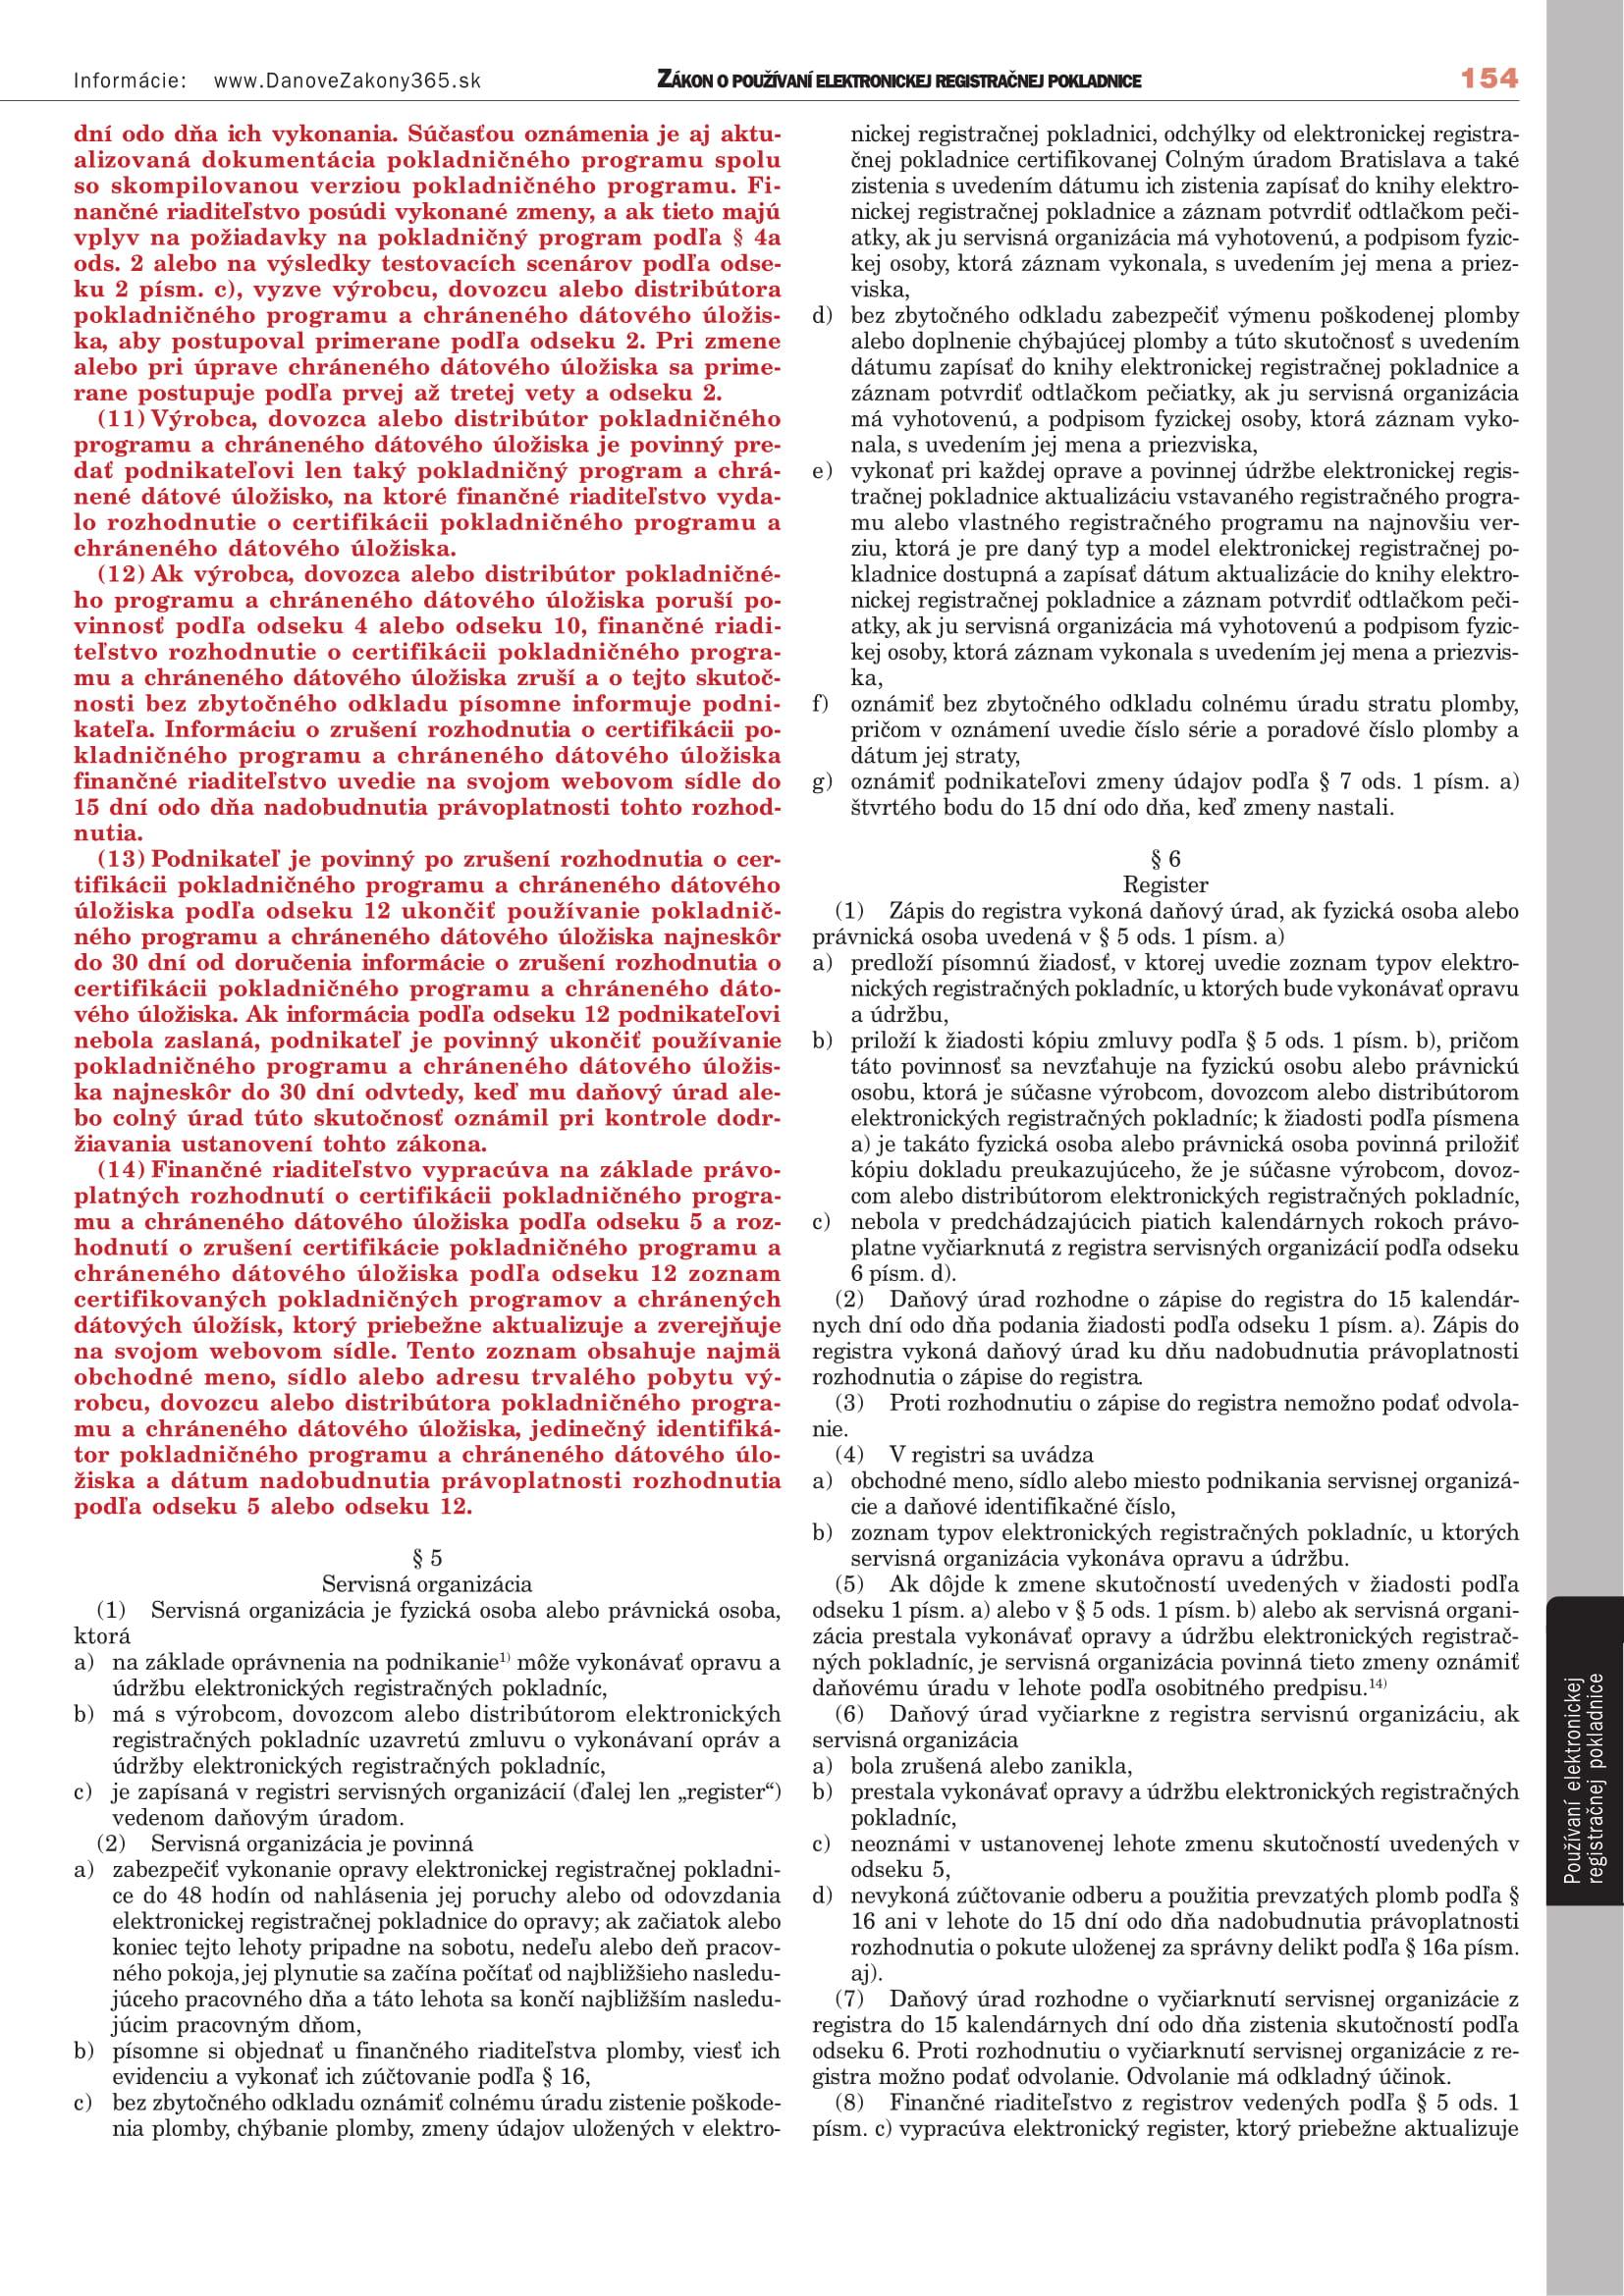 alto_zakon_o_registracnych_pokladniach_2019_po_jednej_stranane-09